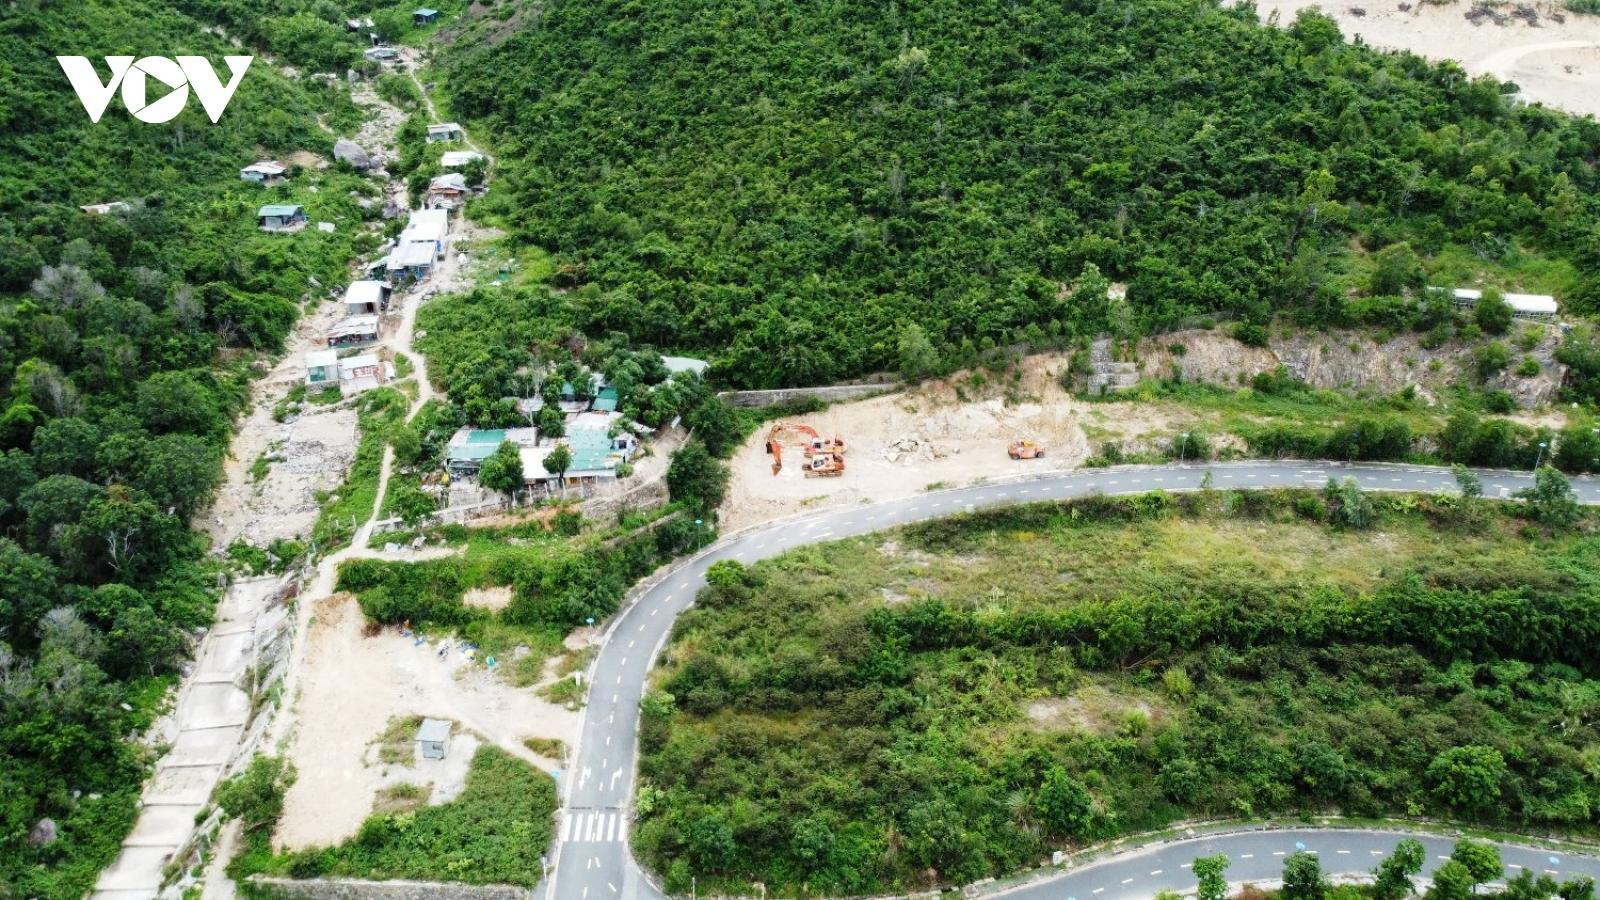 Người dân bức xúc vì bất ngờ bị chủ đầu tưNha Trang Sea Park chặn lối đi